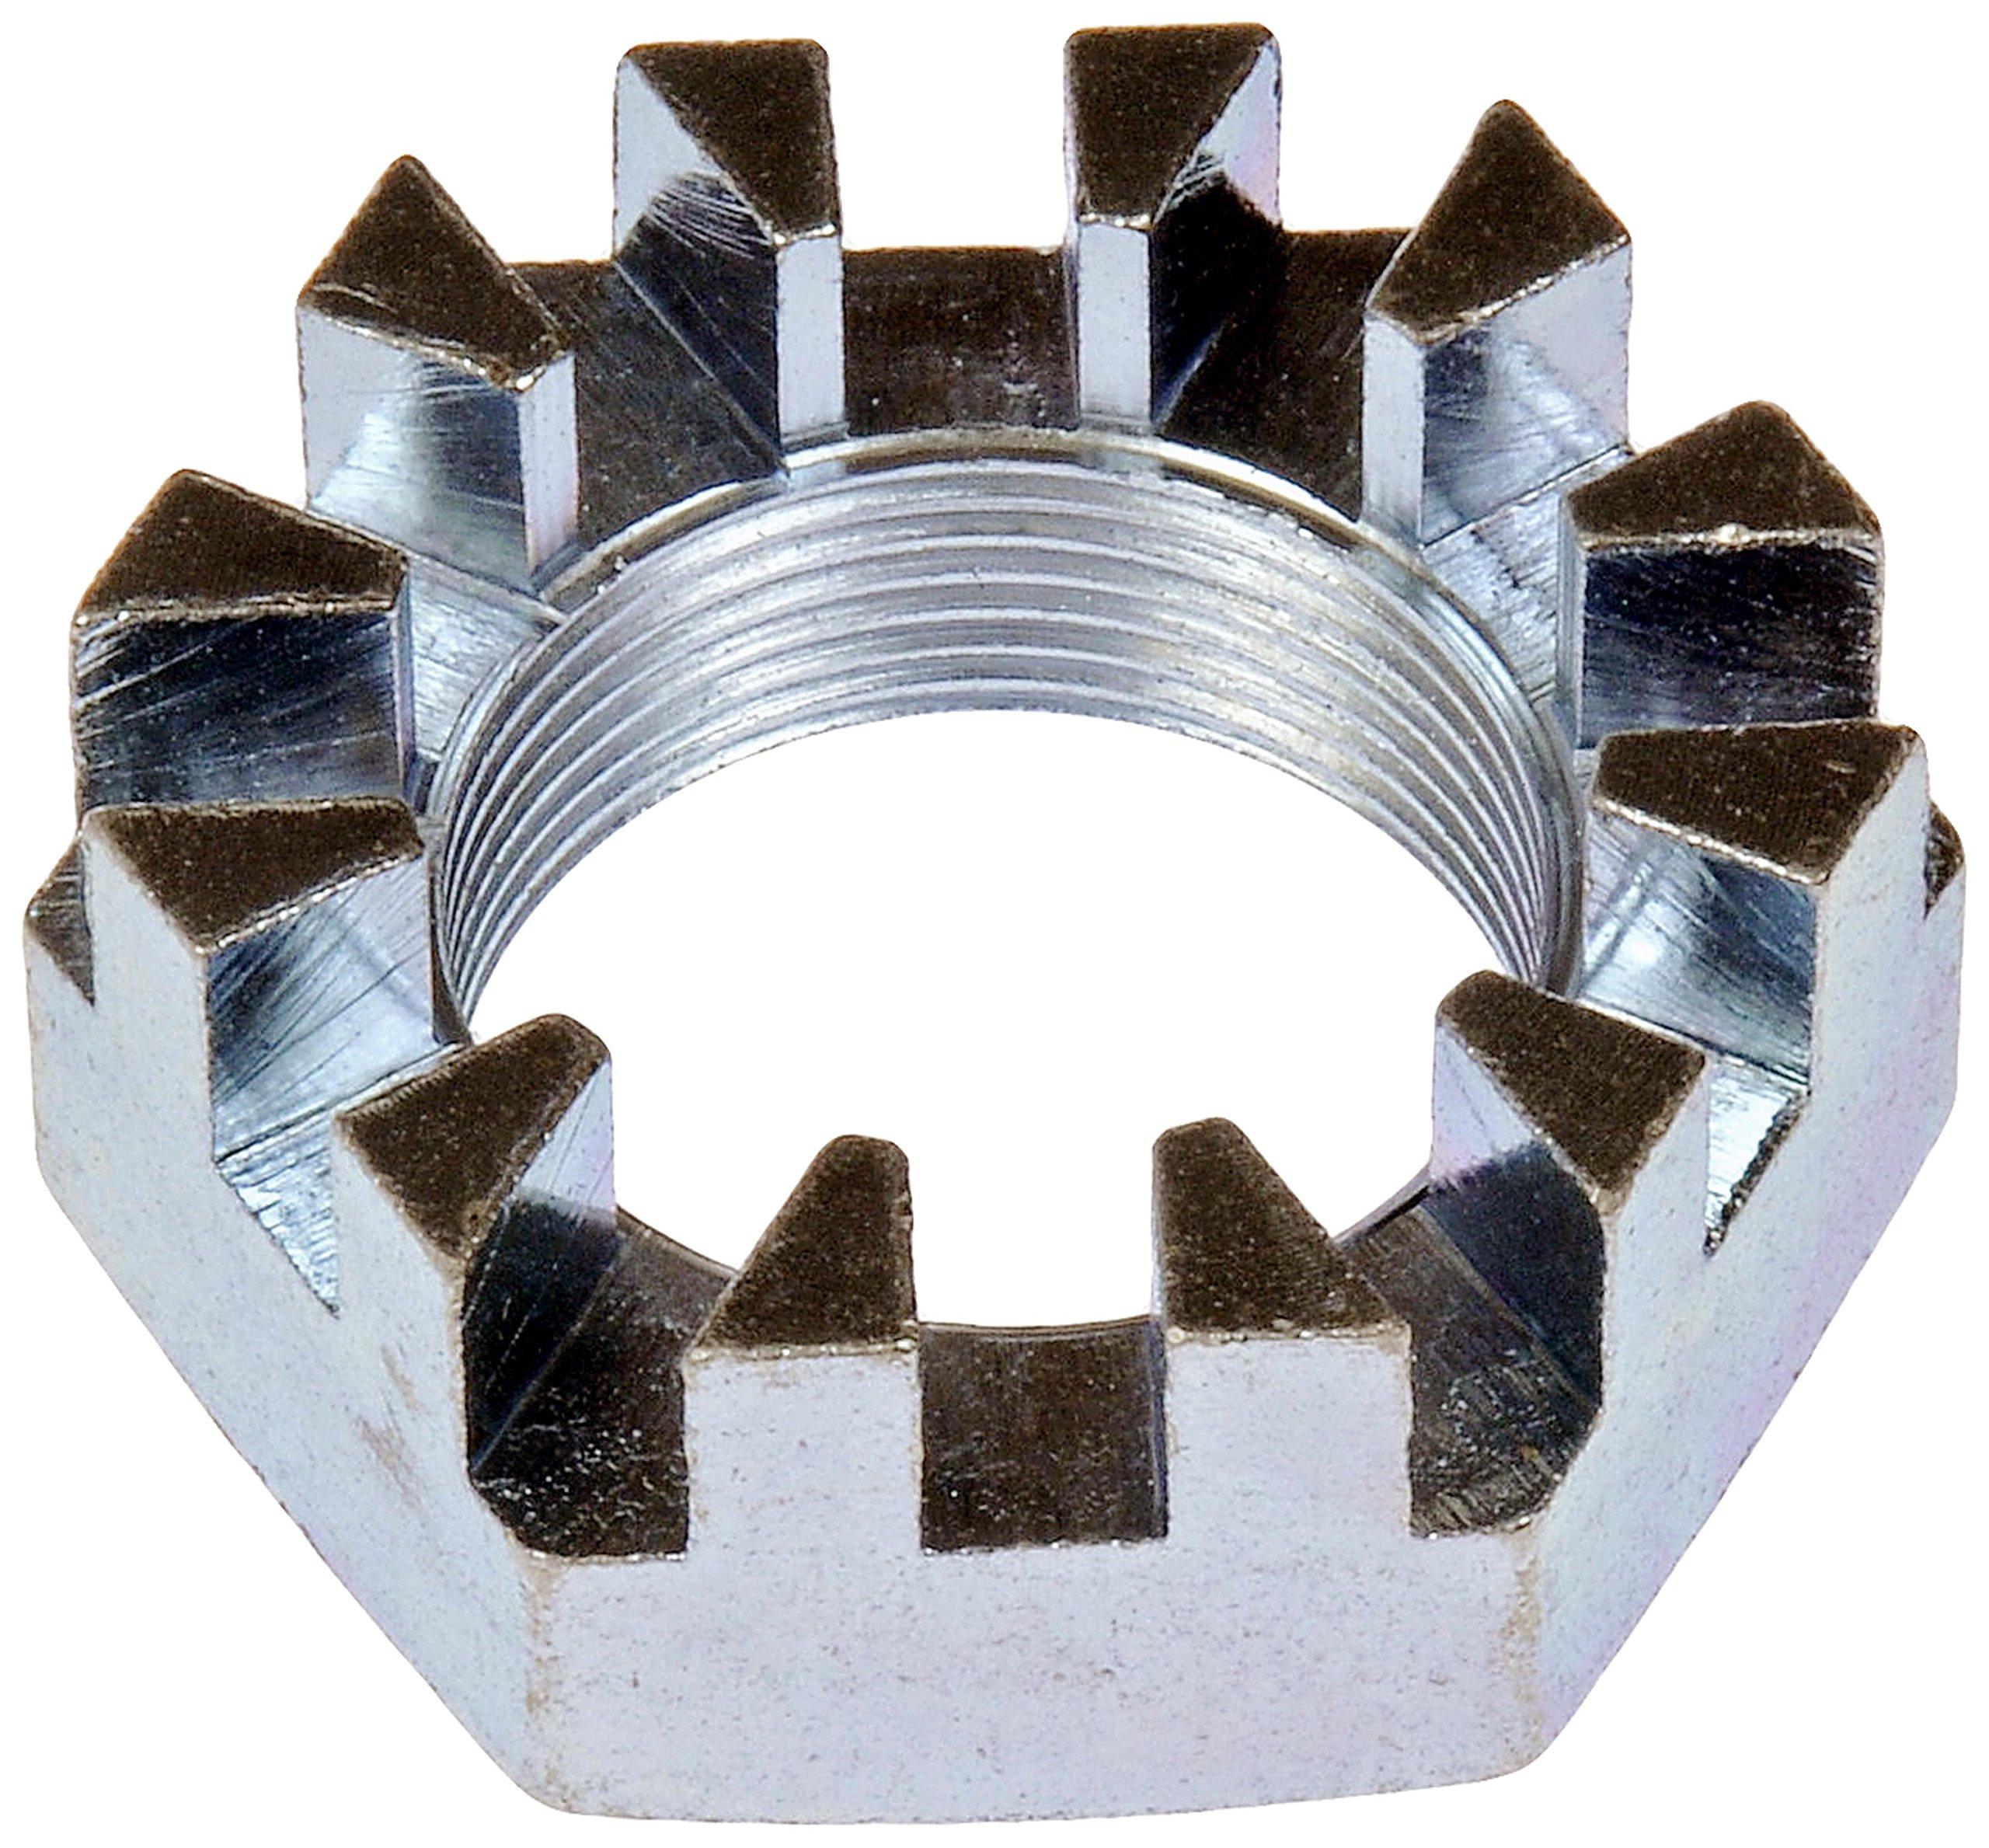 Dorman 615-216 Spindle Nut